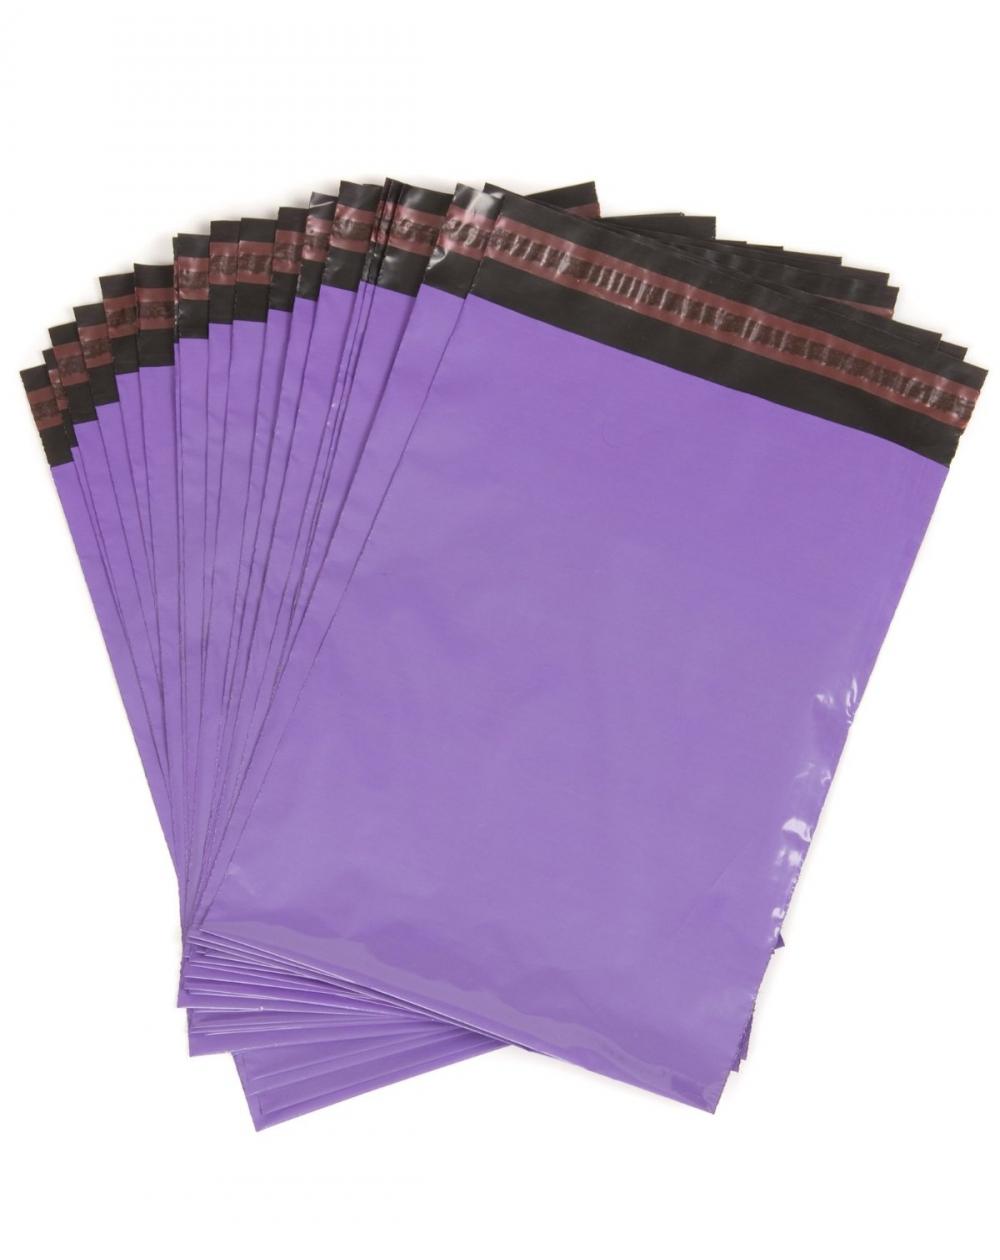 Envelope de Segurança VOID em Votuporanga - Envelope Tipo VOID com Adesivos